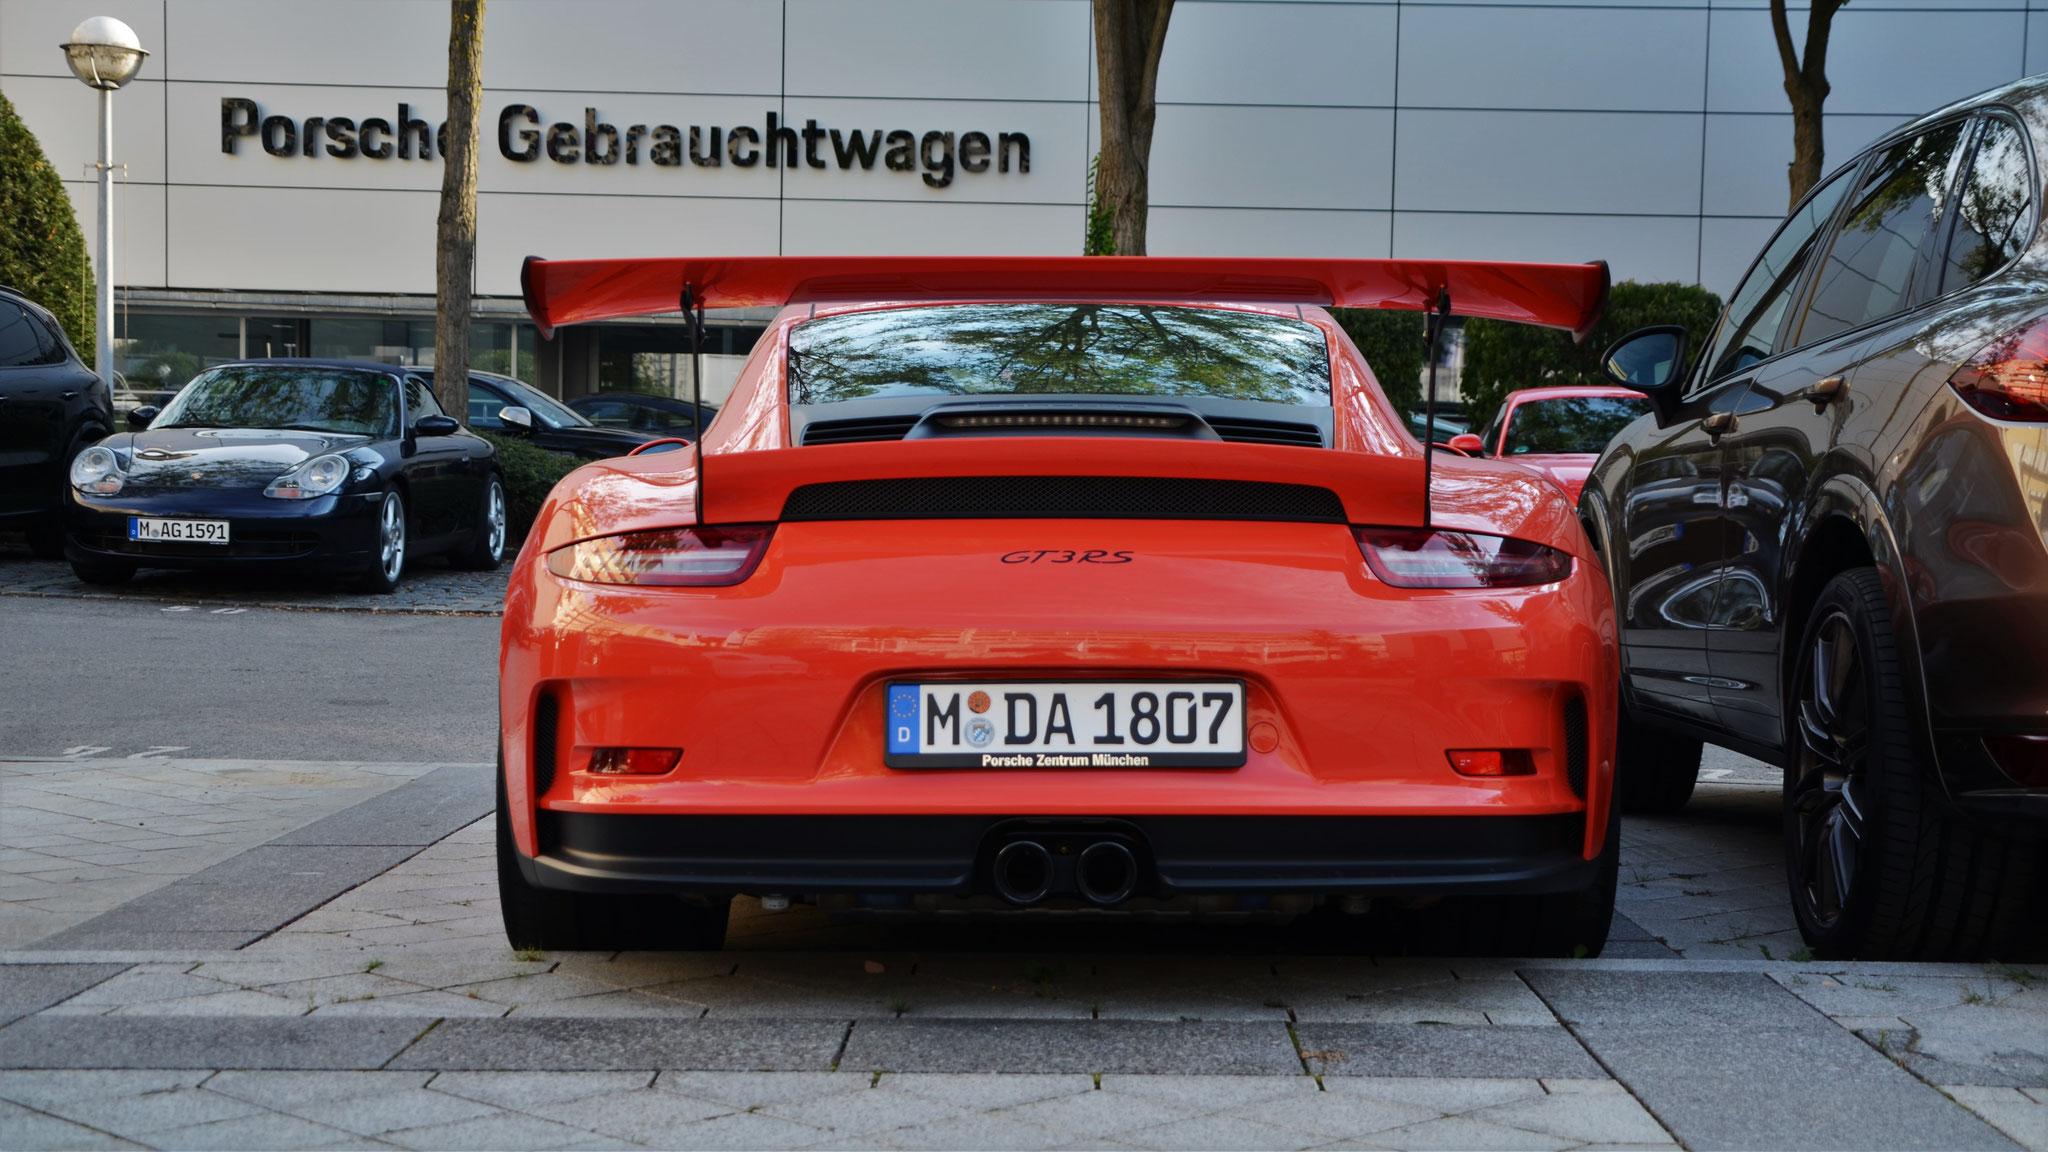 Porsche 911 GT3 RS - M-DA-1807